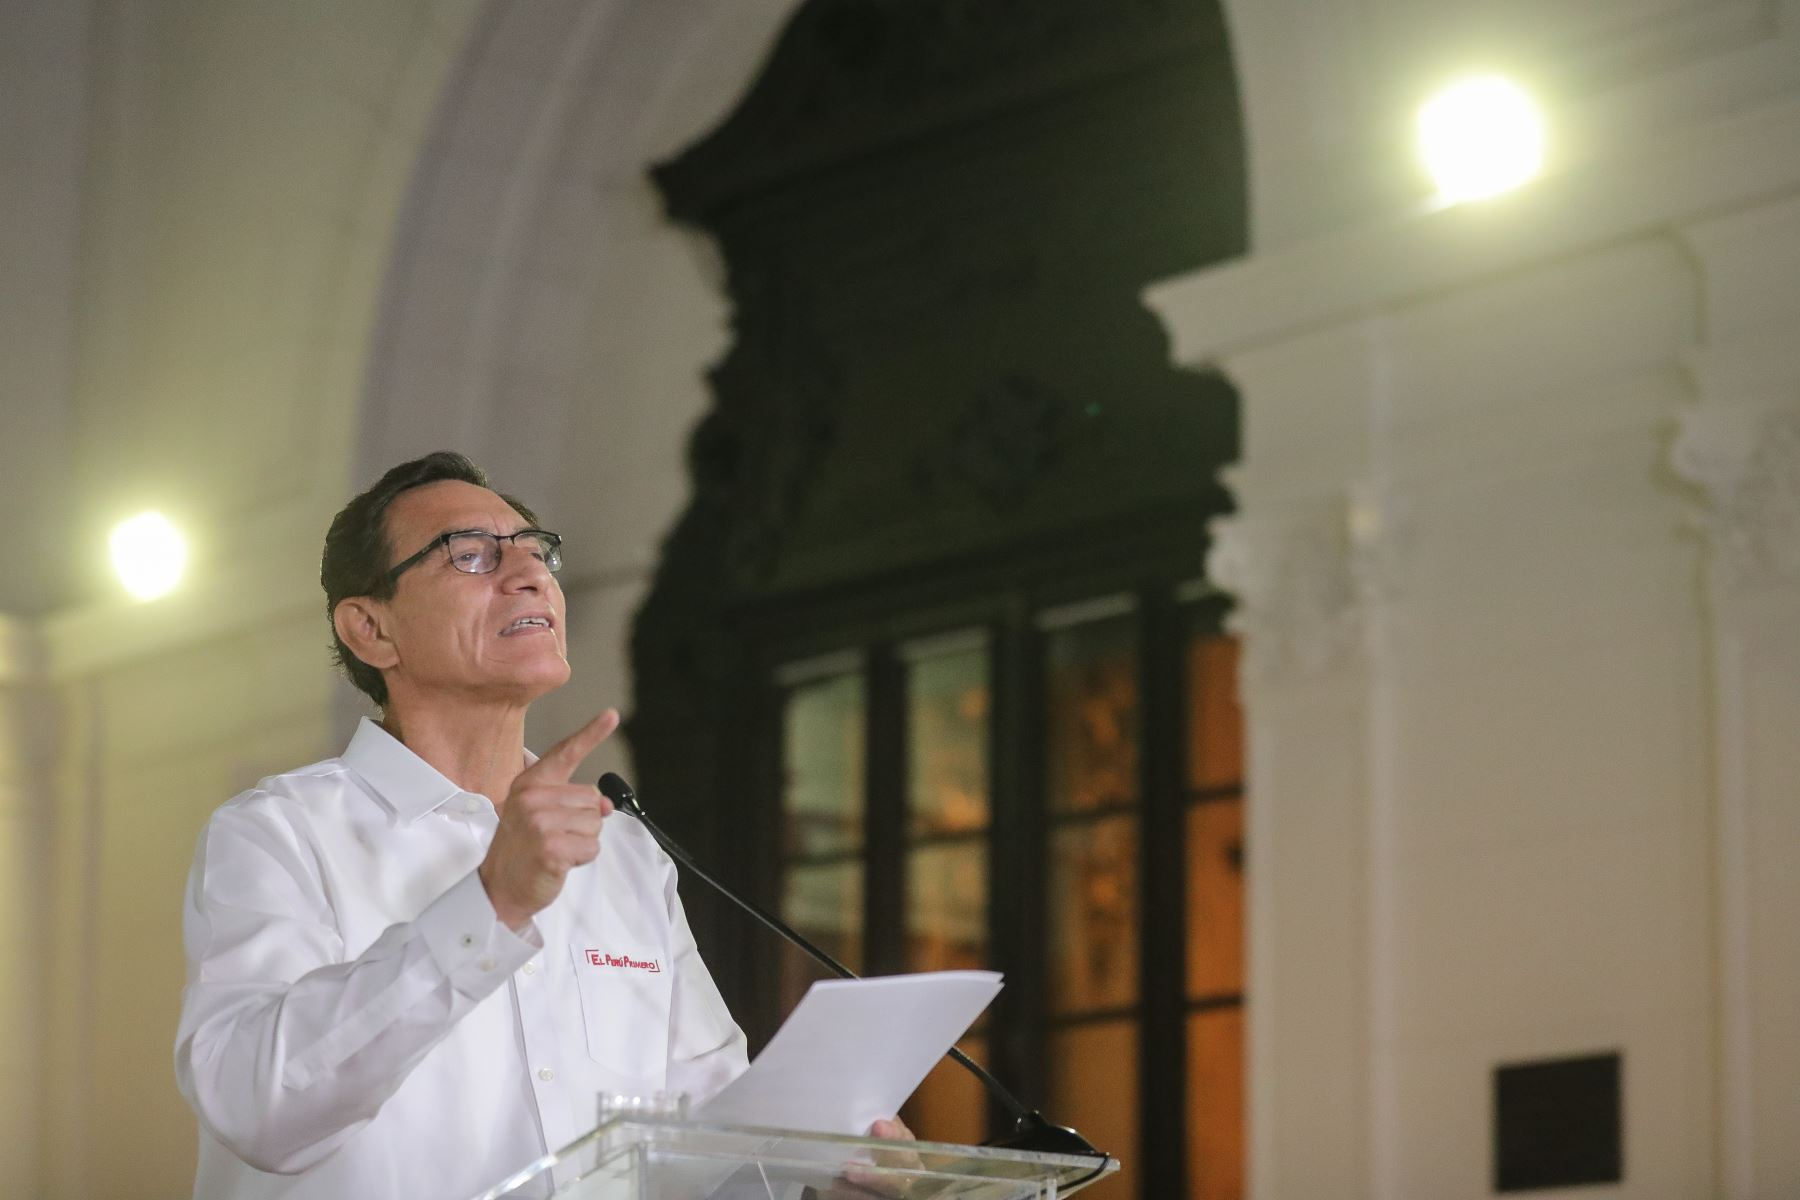 El presidente de la República, Martín Vizcarra brinda Mensaje a la Nación.  Foto: ANDINA/Prensa Presidencia